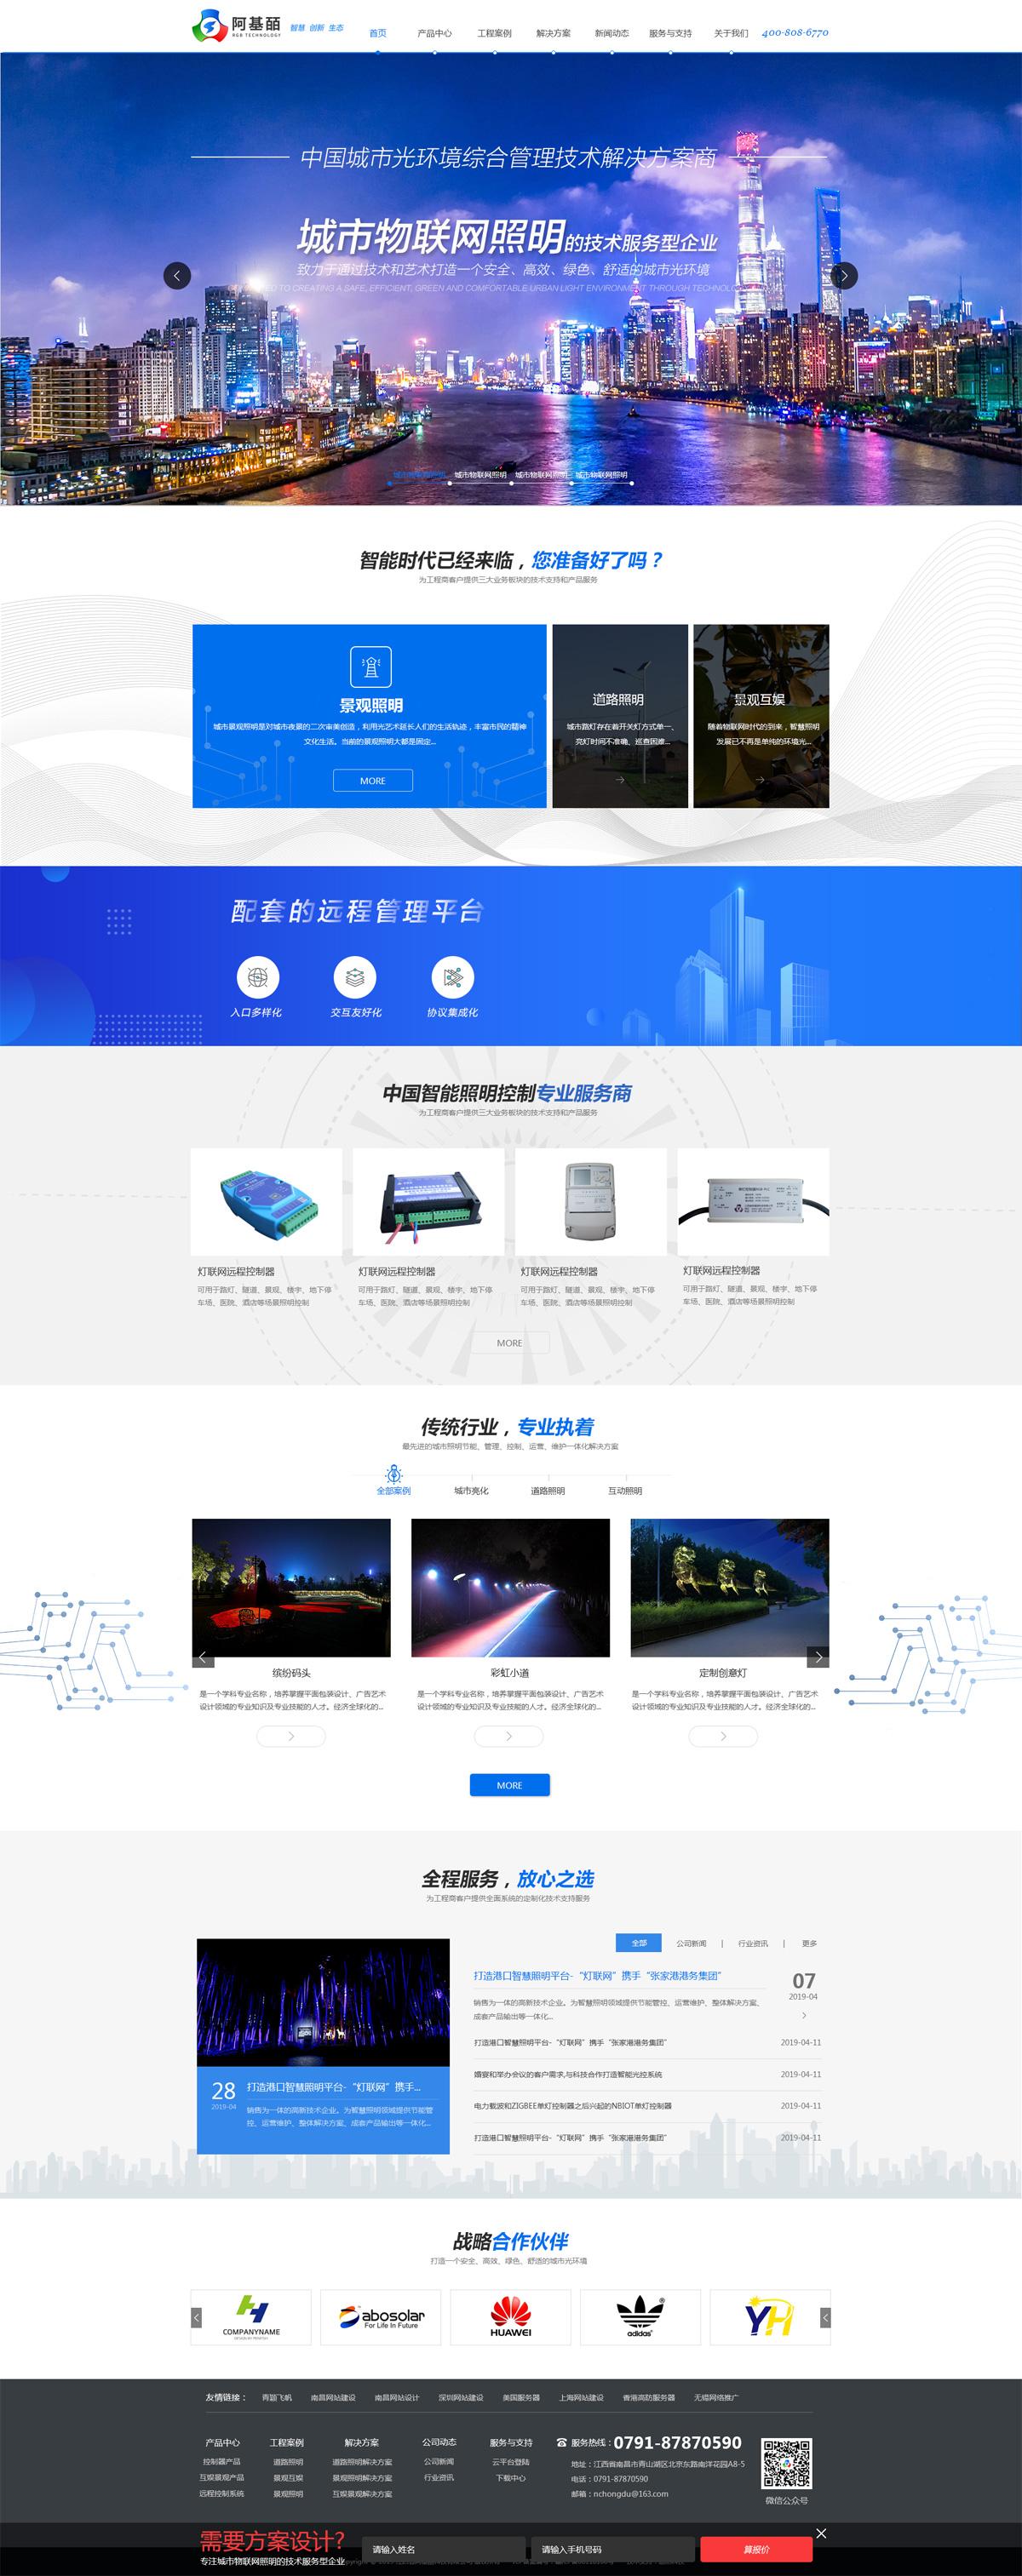 南昌照明类企业官网建设.jpg